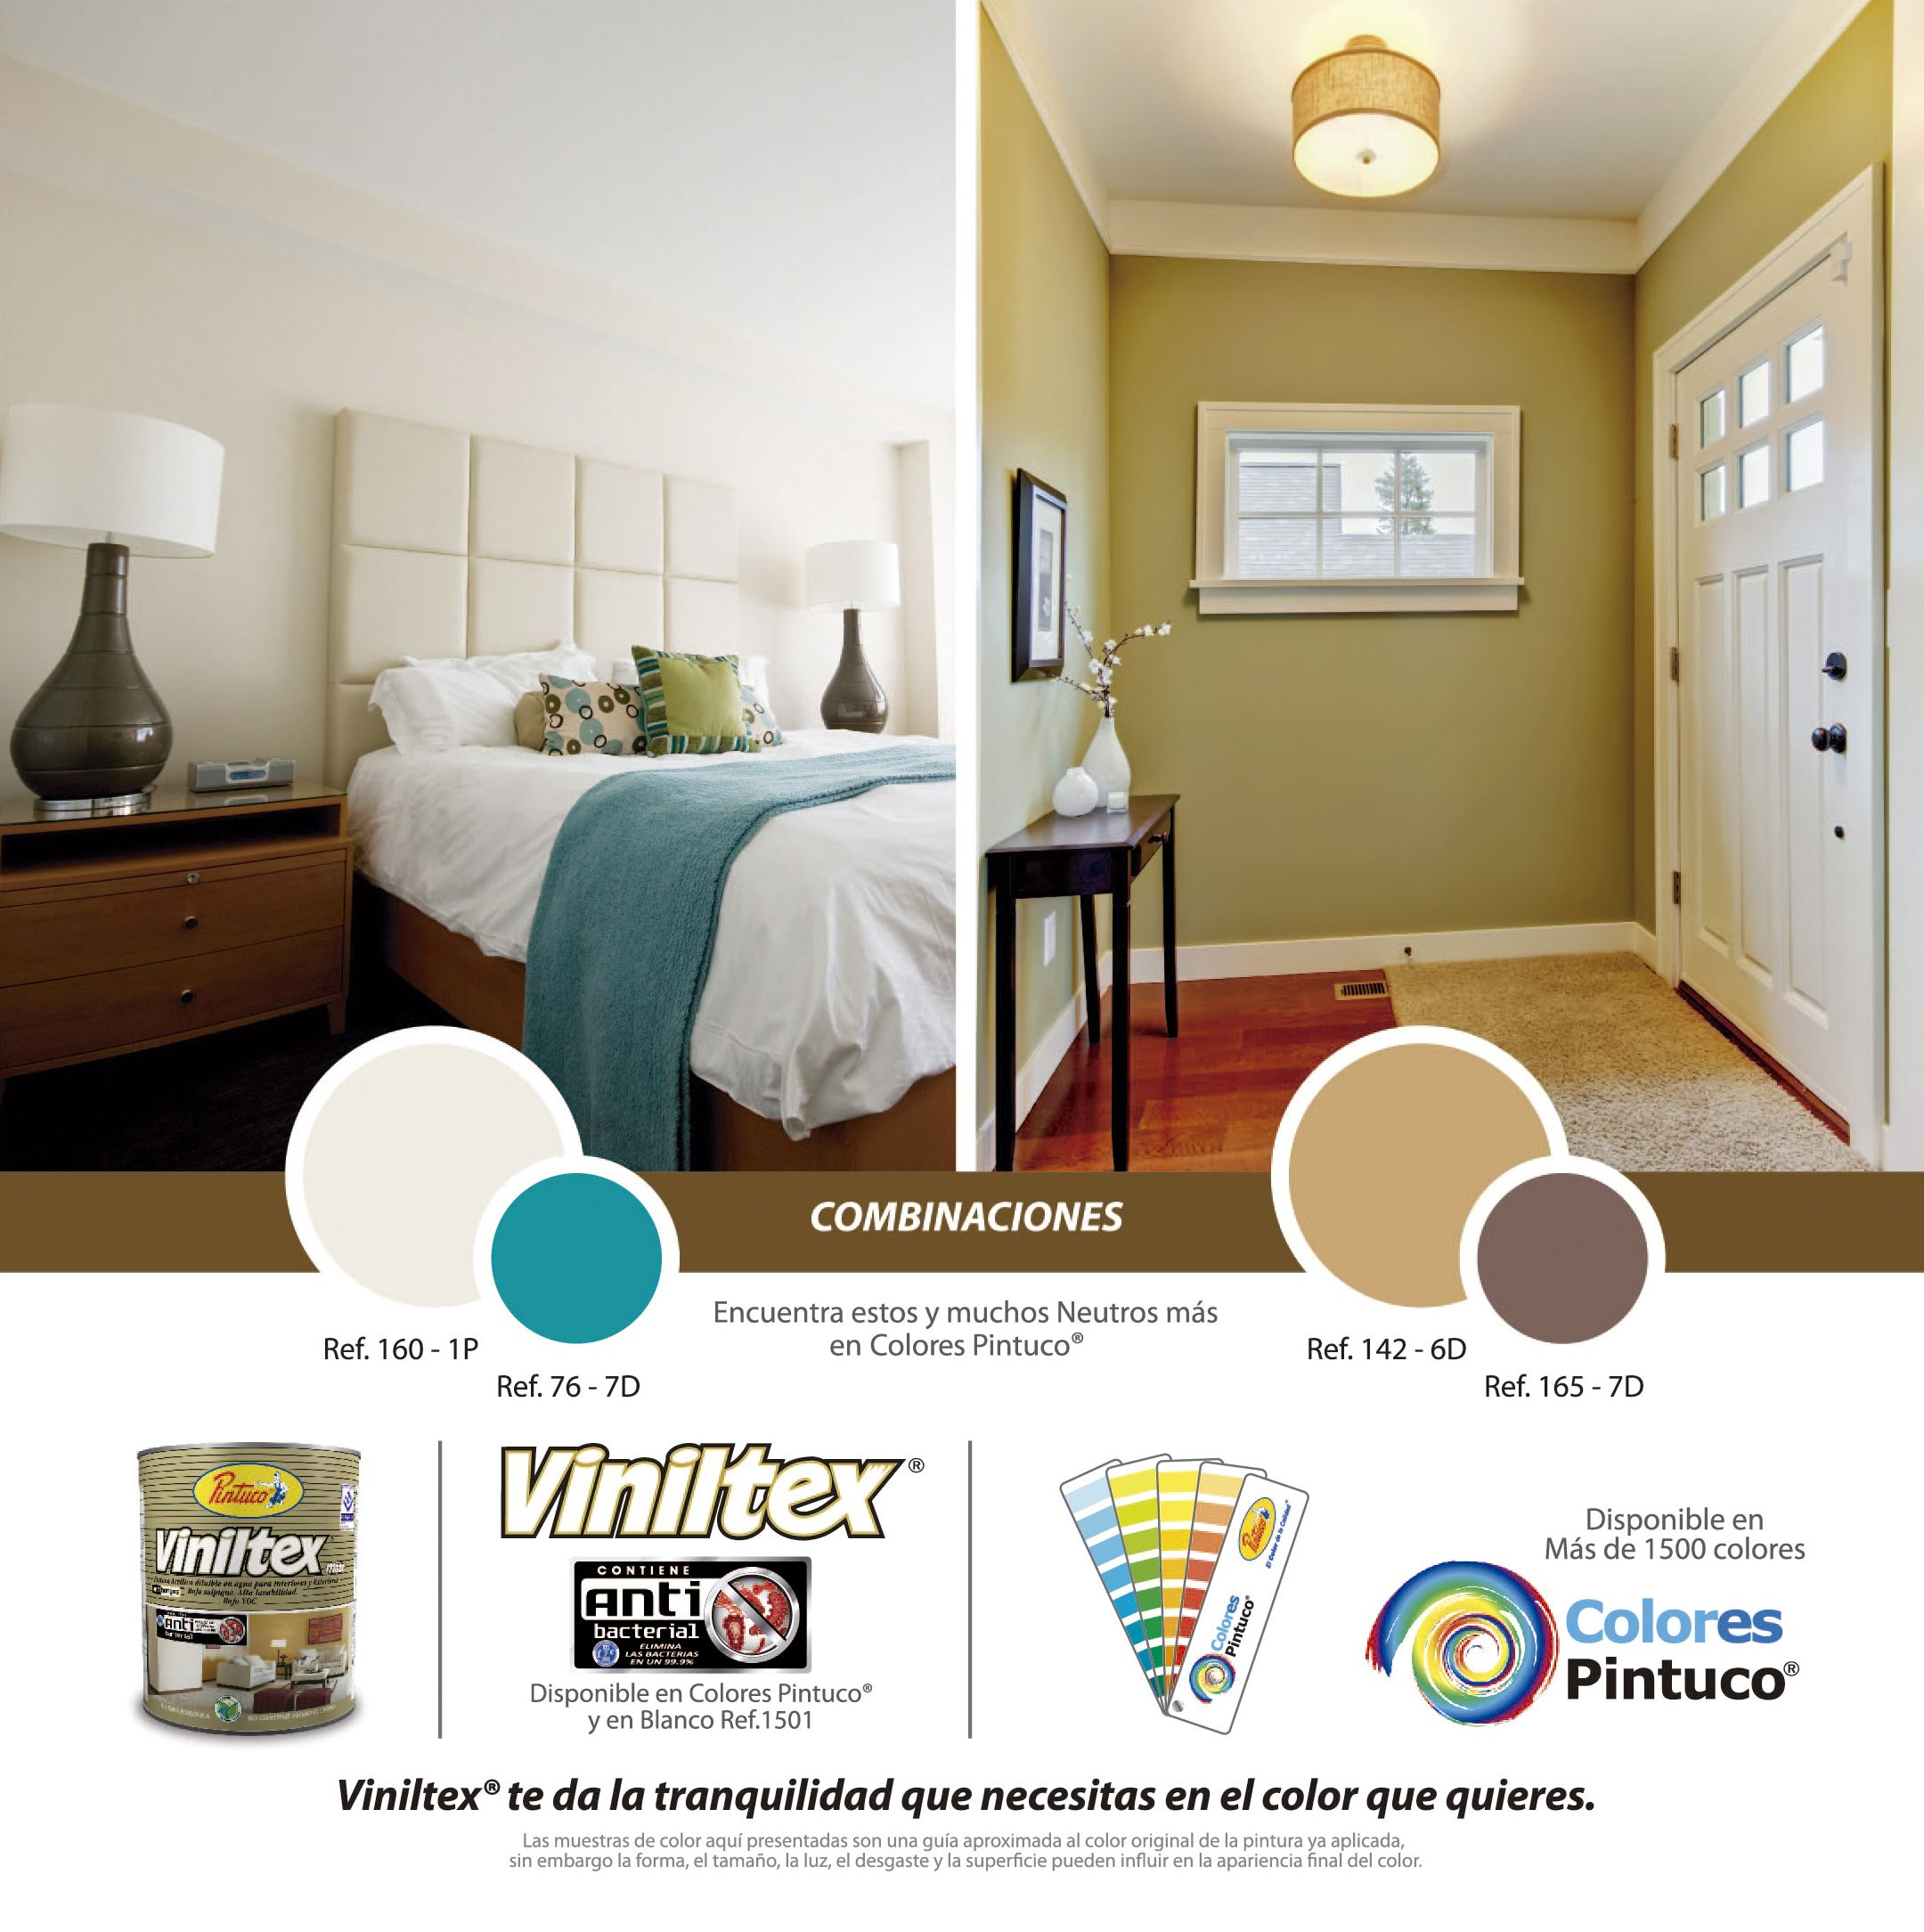 Combinaciones en colores neutros de viniltex de pintuco for Paleta de colores de pintura para interiores